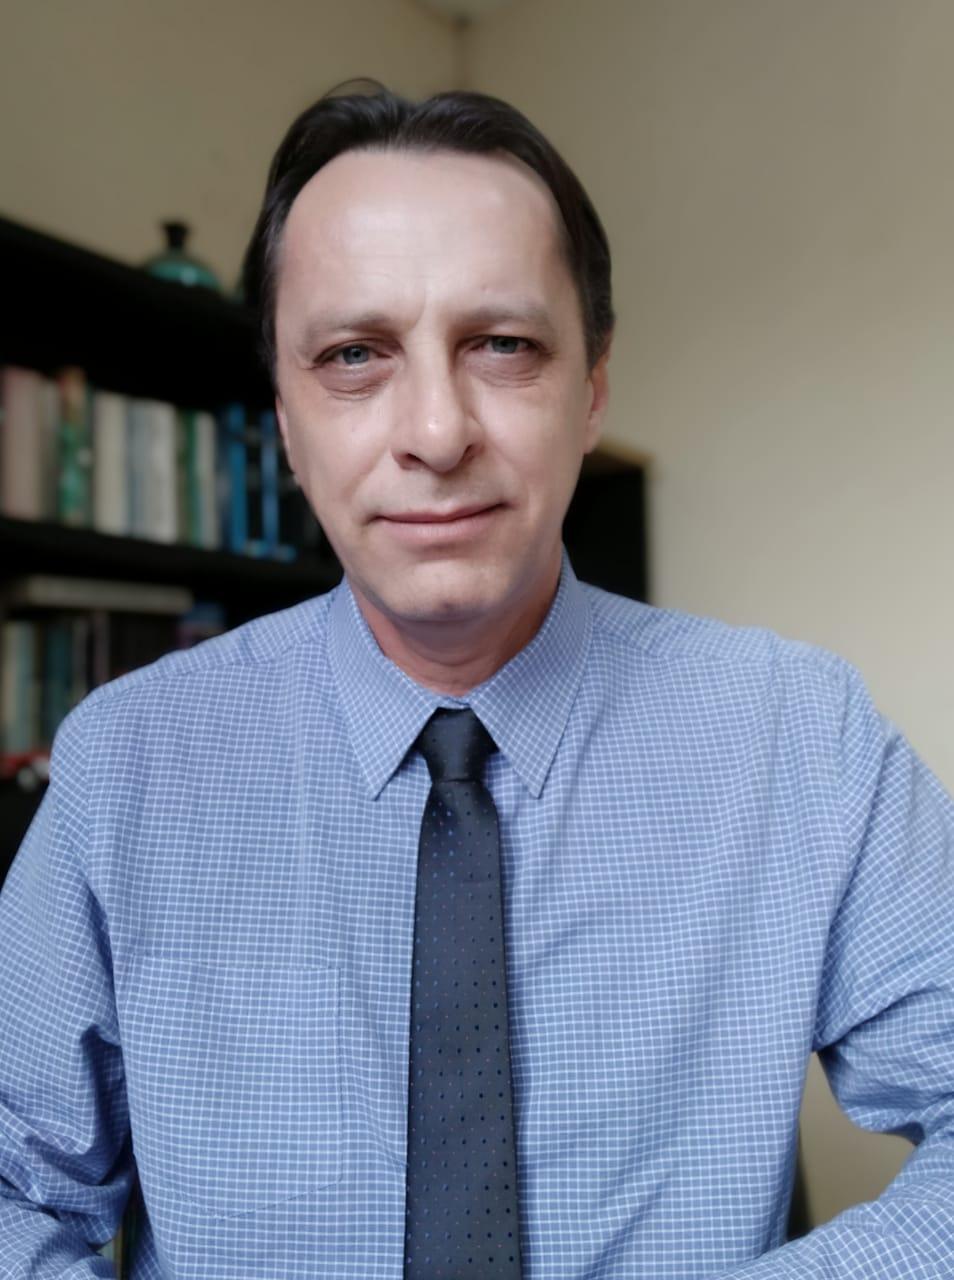 Opinião Emerson Souza Gomes: De um jeito ou de outro